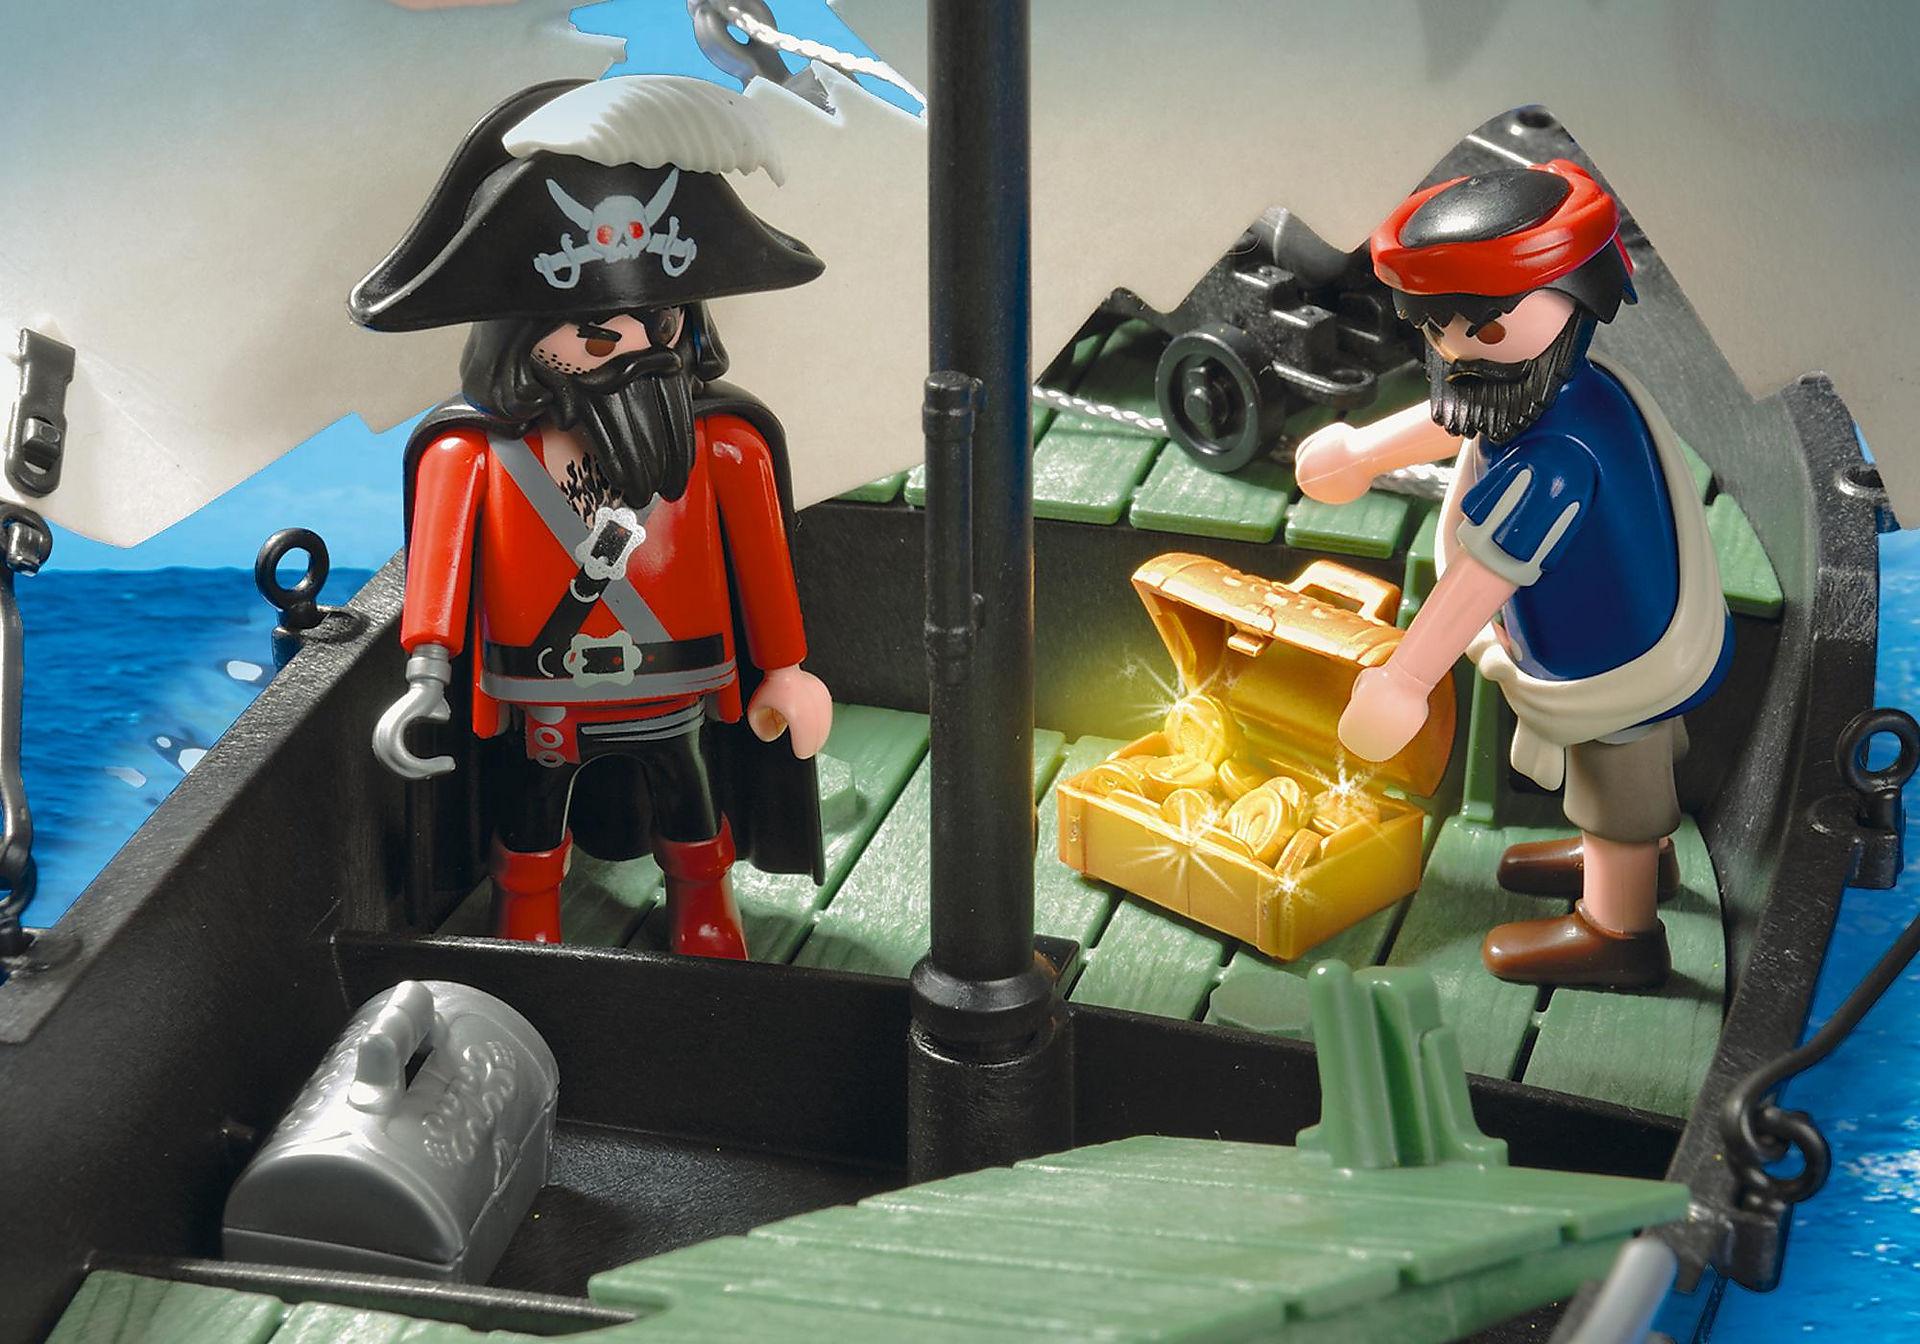 5919 Piratenangriff auf die Soldatenbastion zoom image6